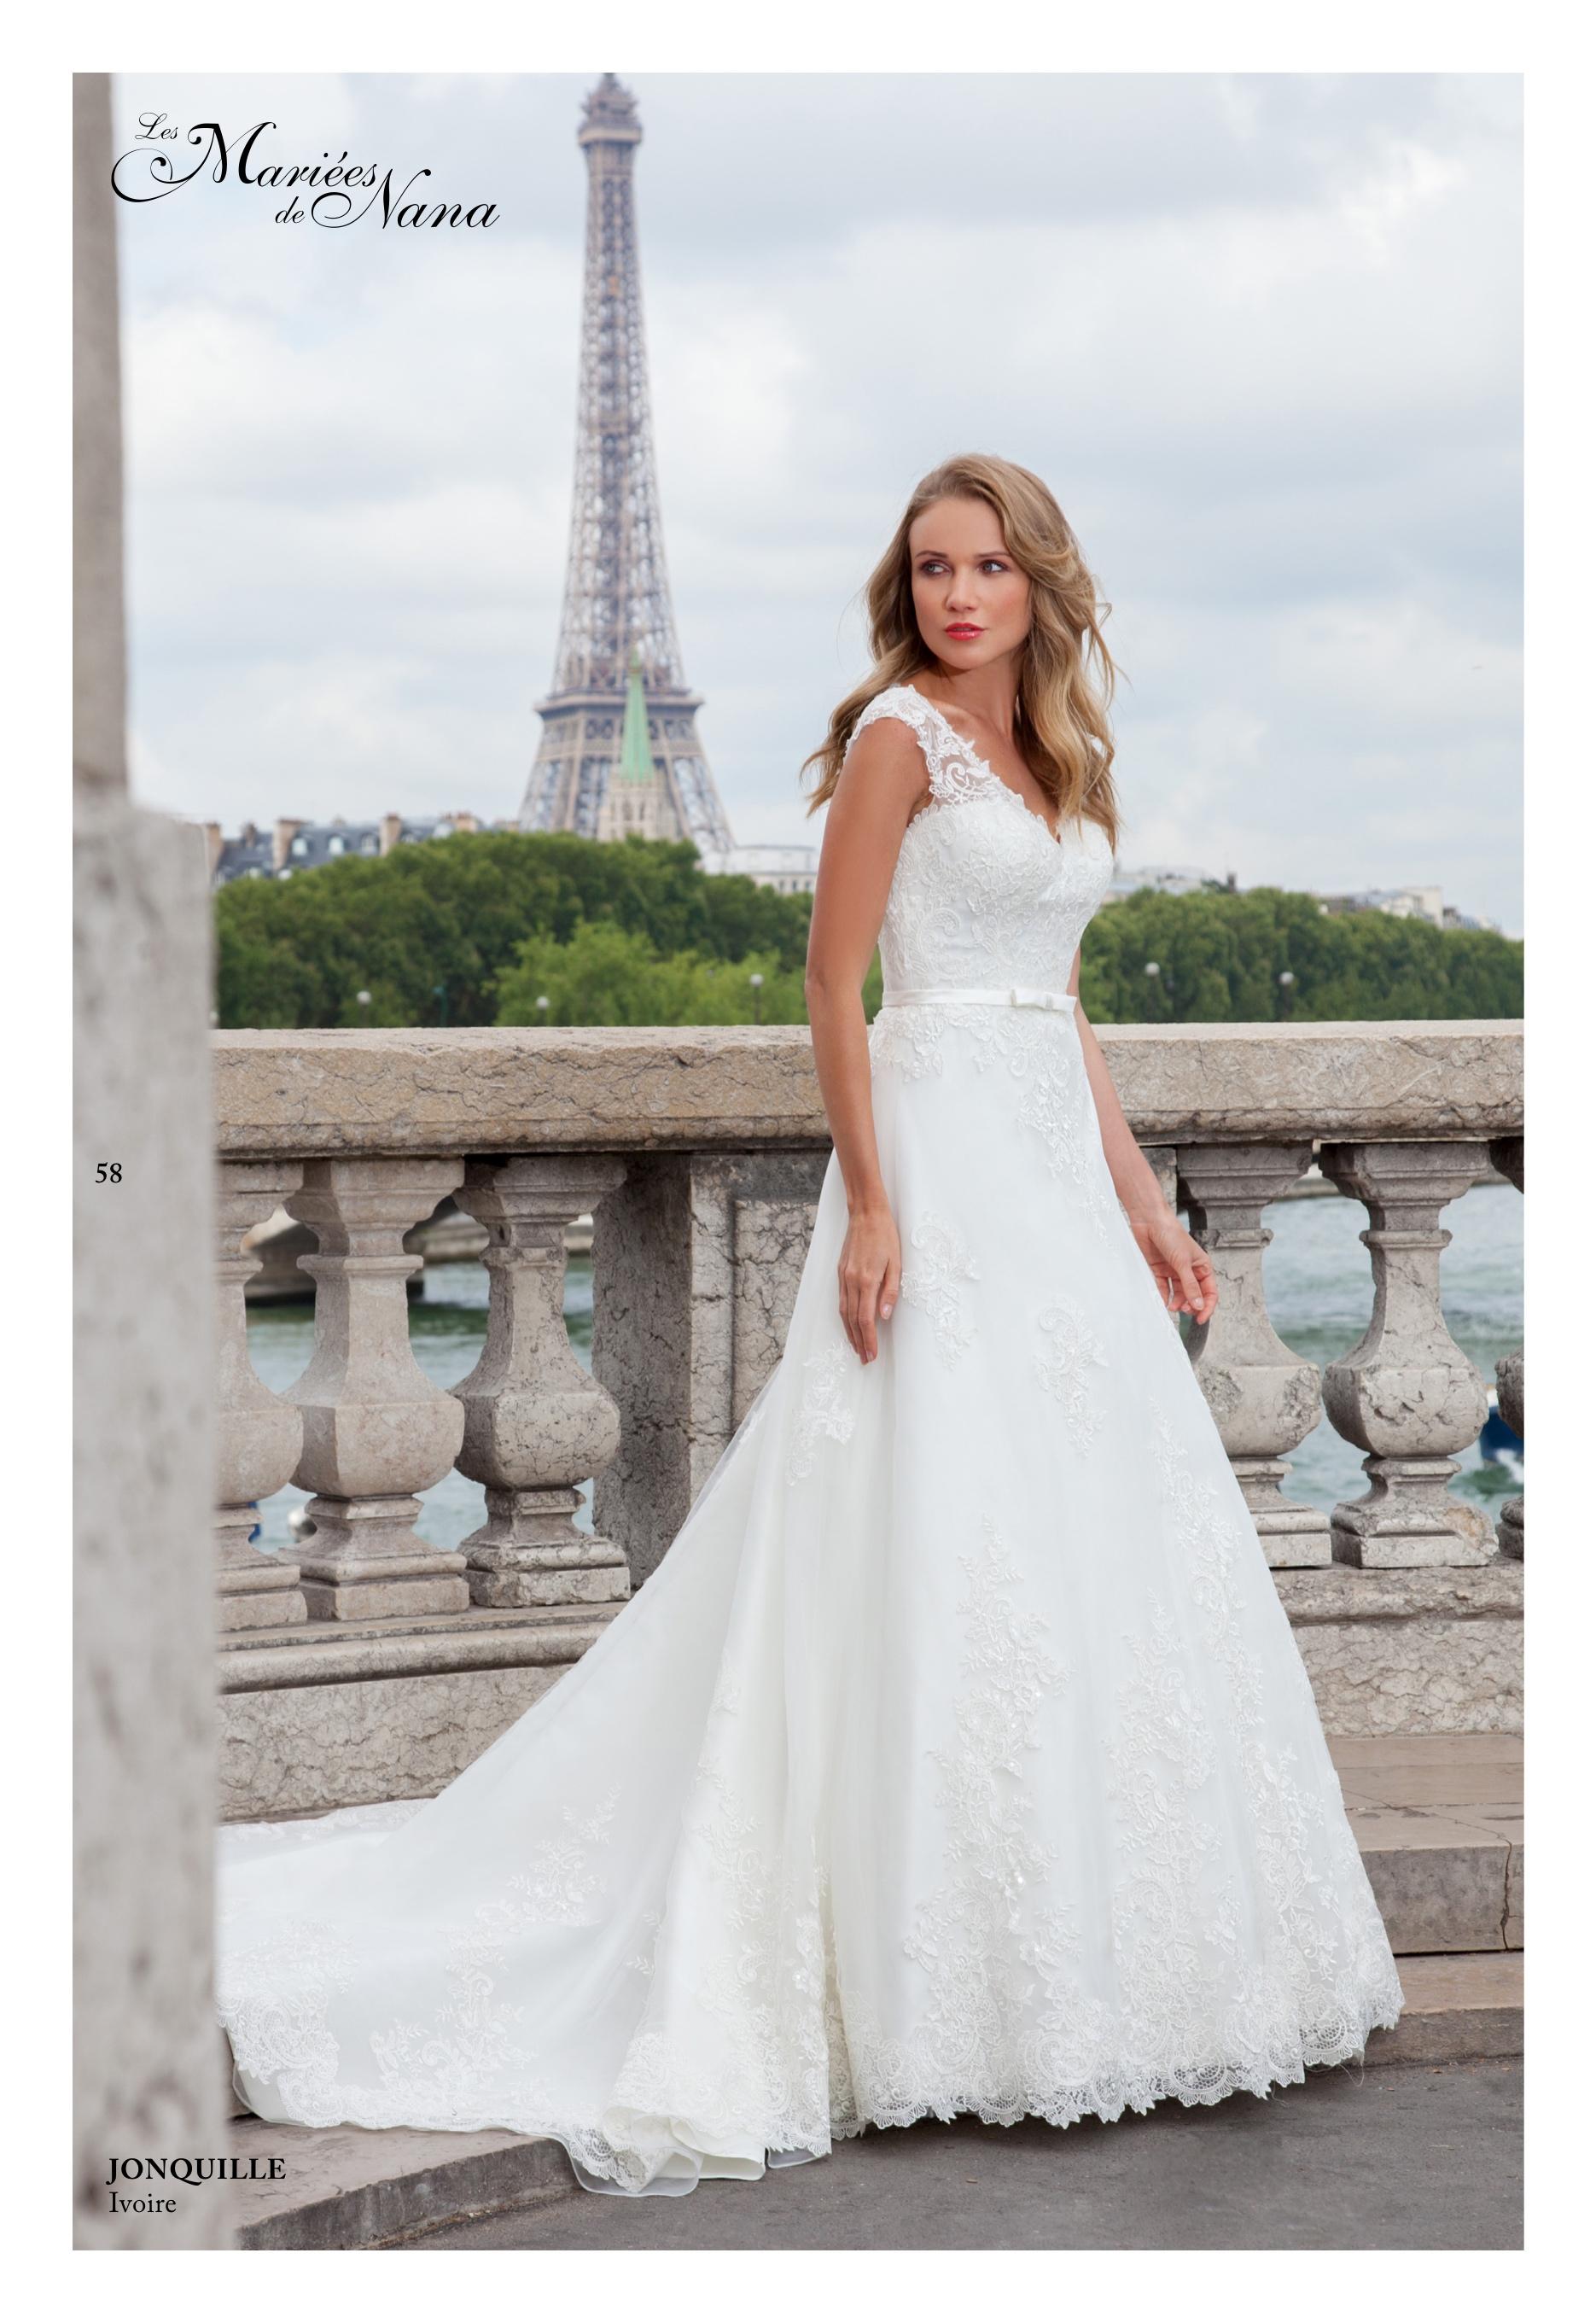 Robe de mariée Jonquille - Les Mariées de